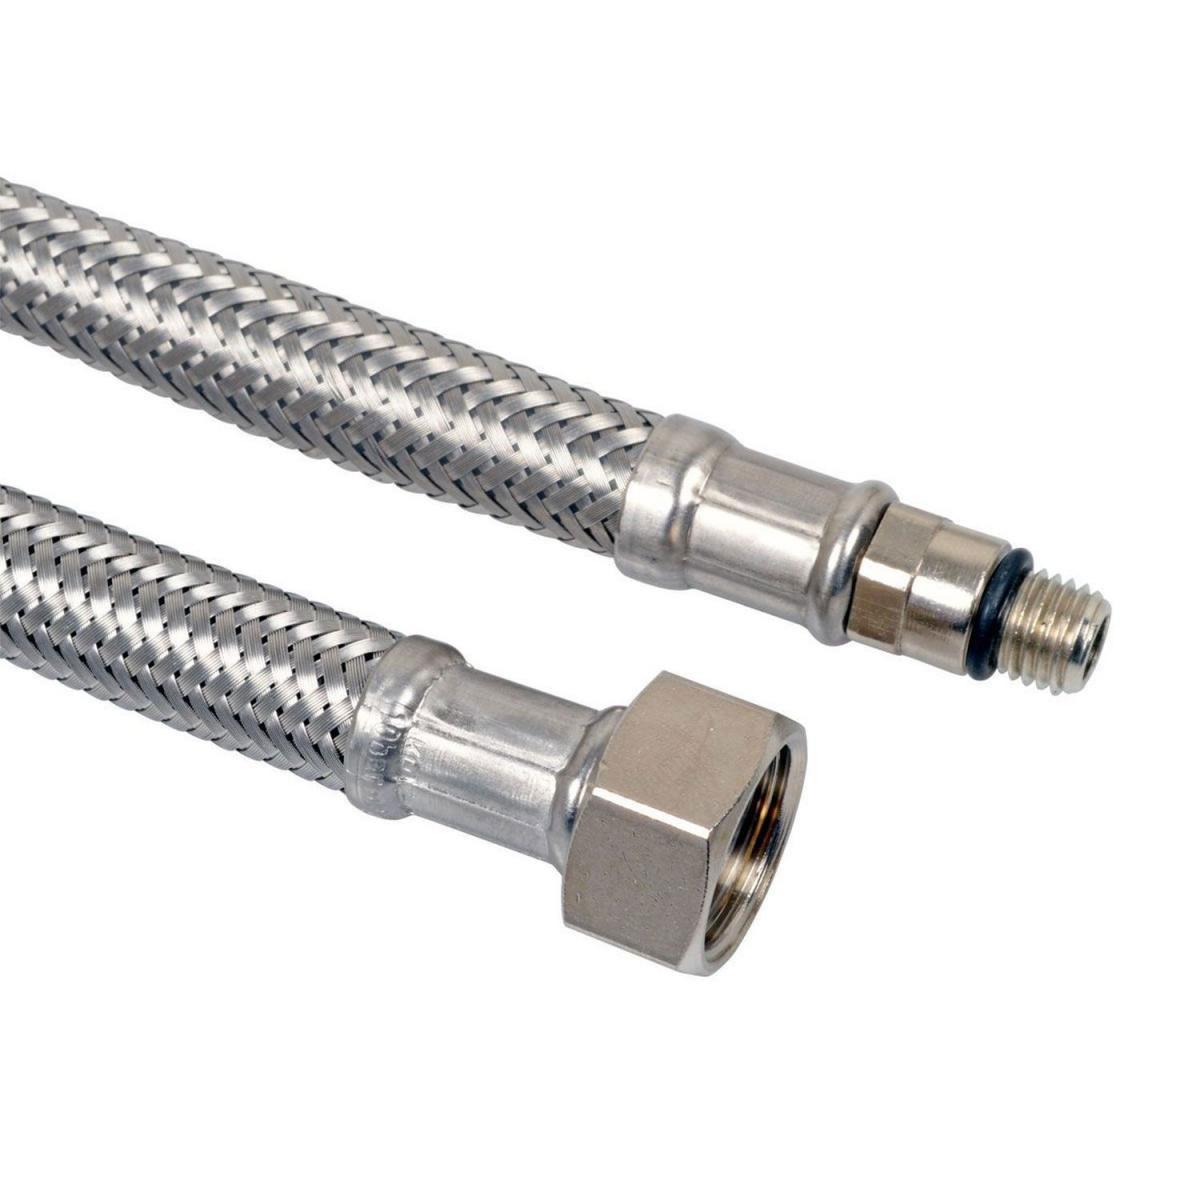 Flexible Verbindungsschläuche 1 x Überwurfmutter 1 x Armaturendirektanschluss